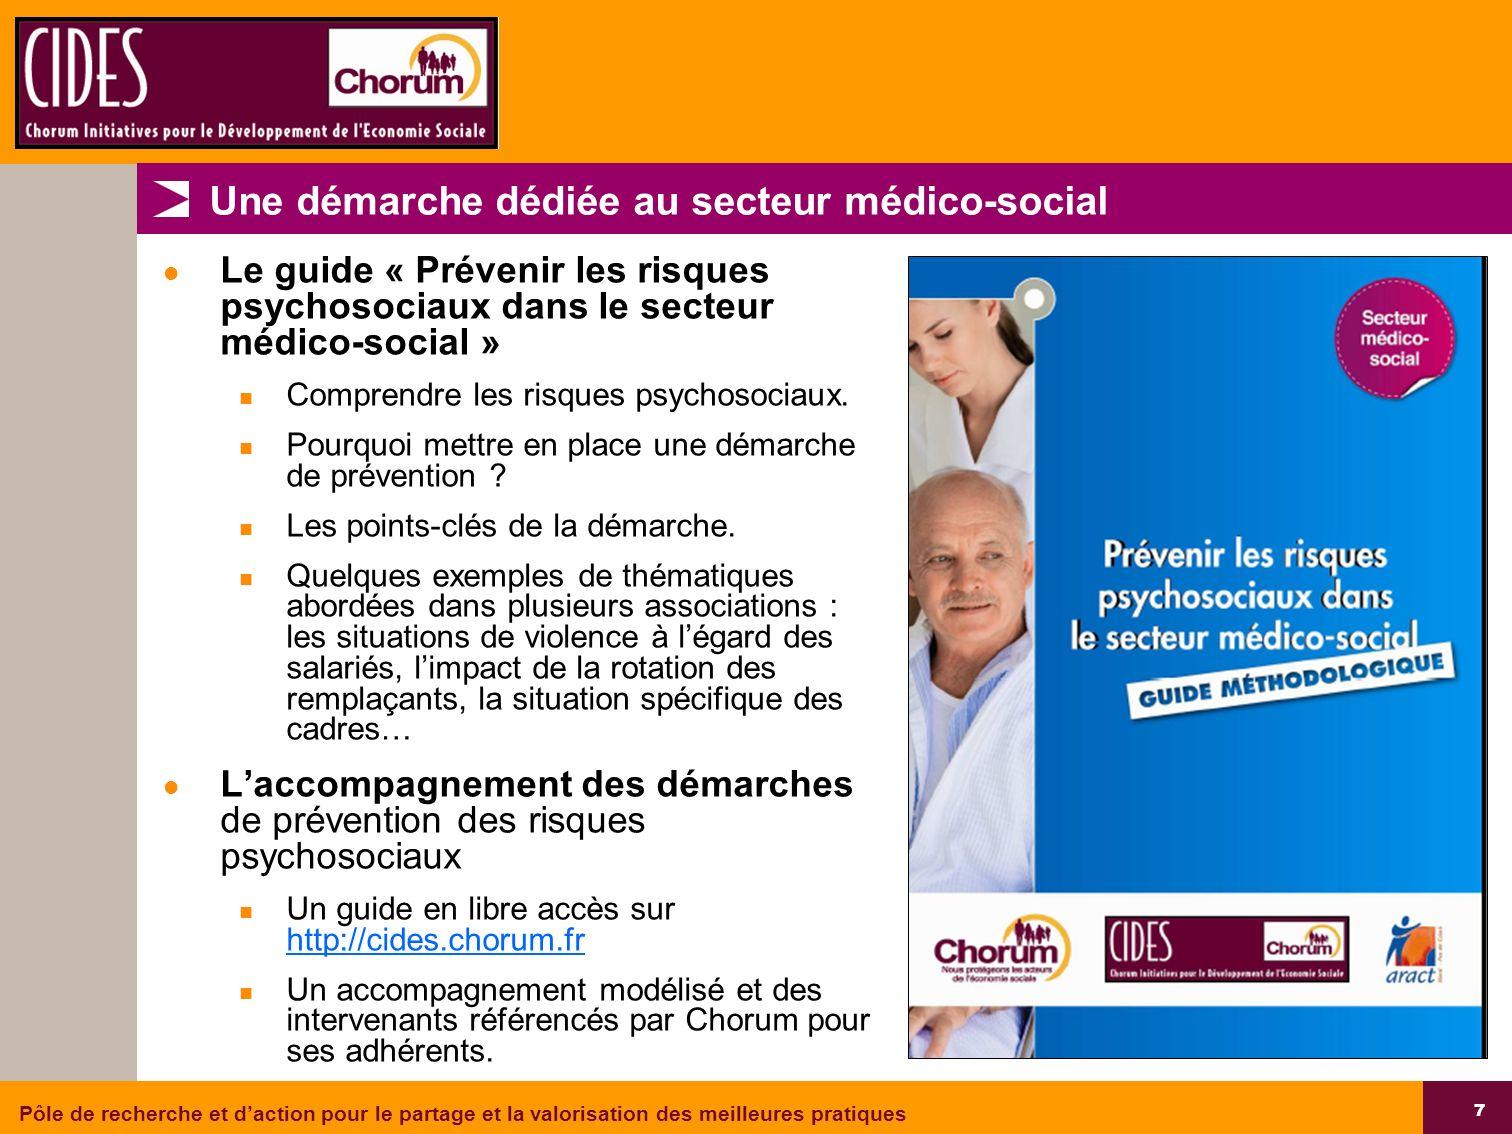 Une démarche dédiée au secteur médico-social